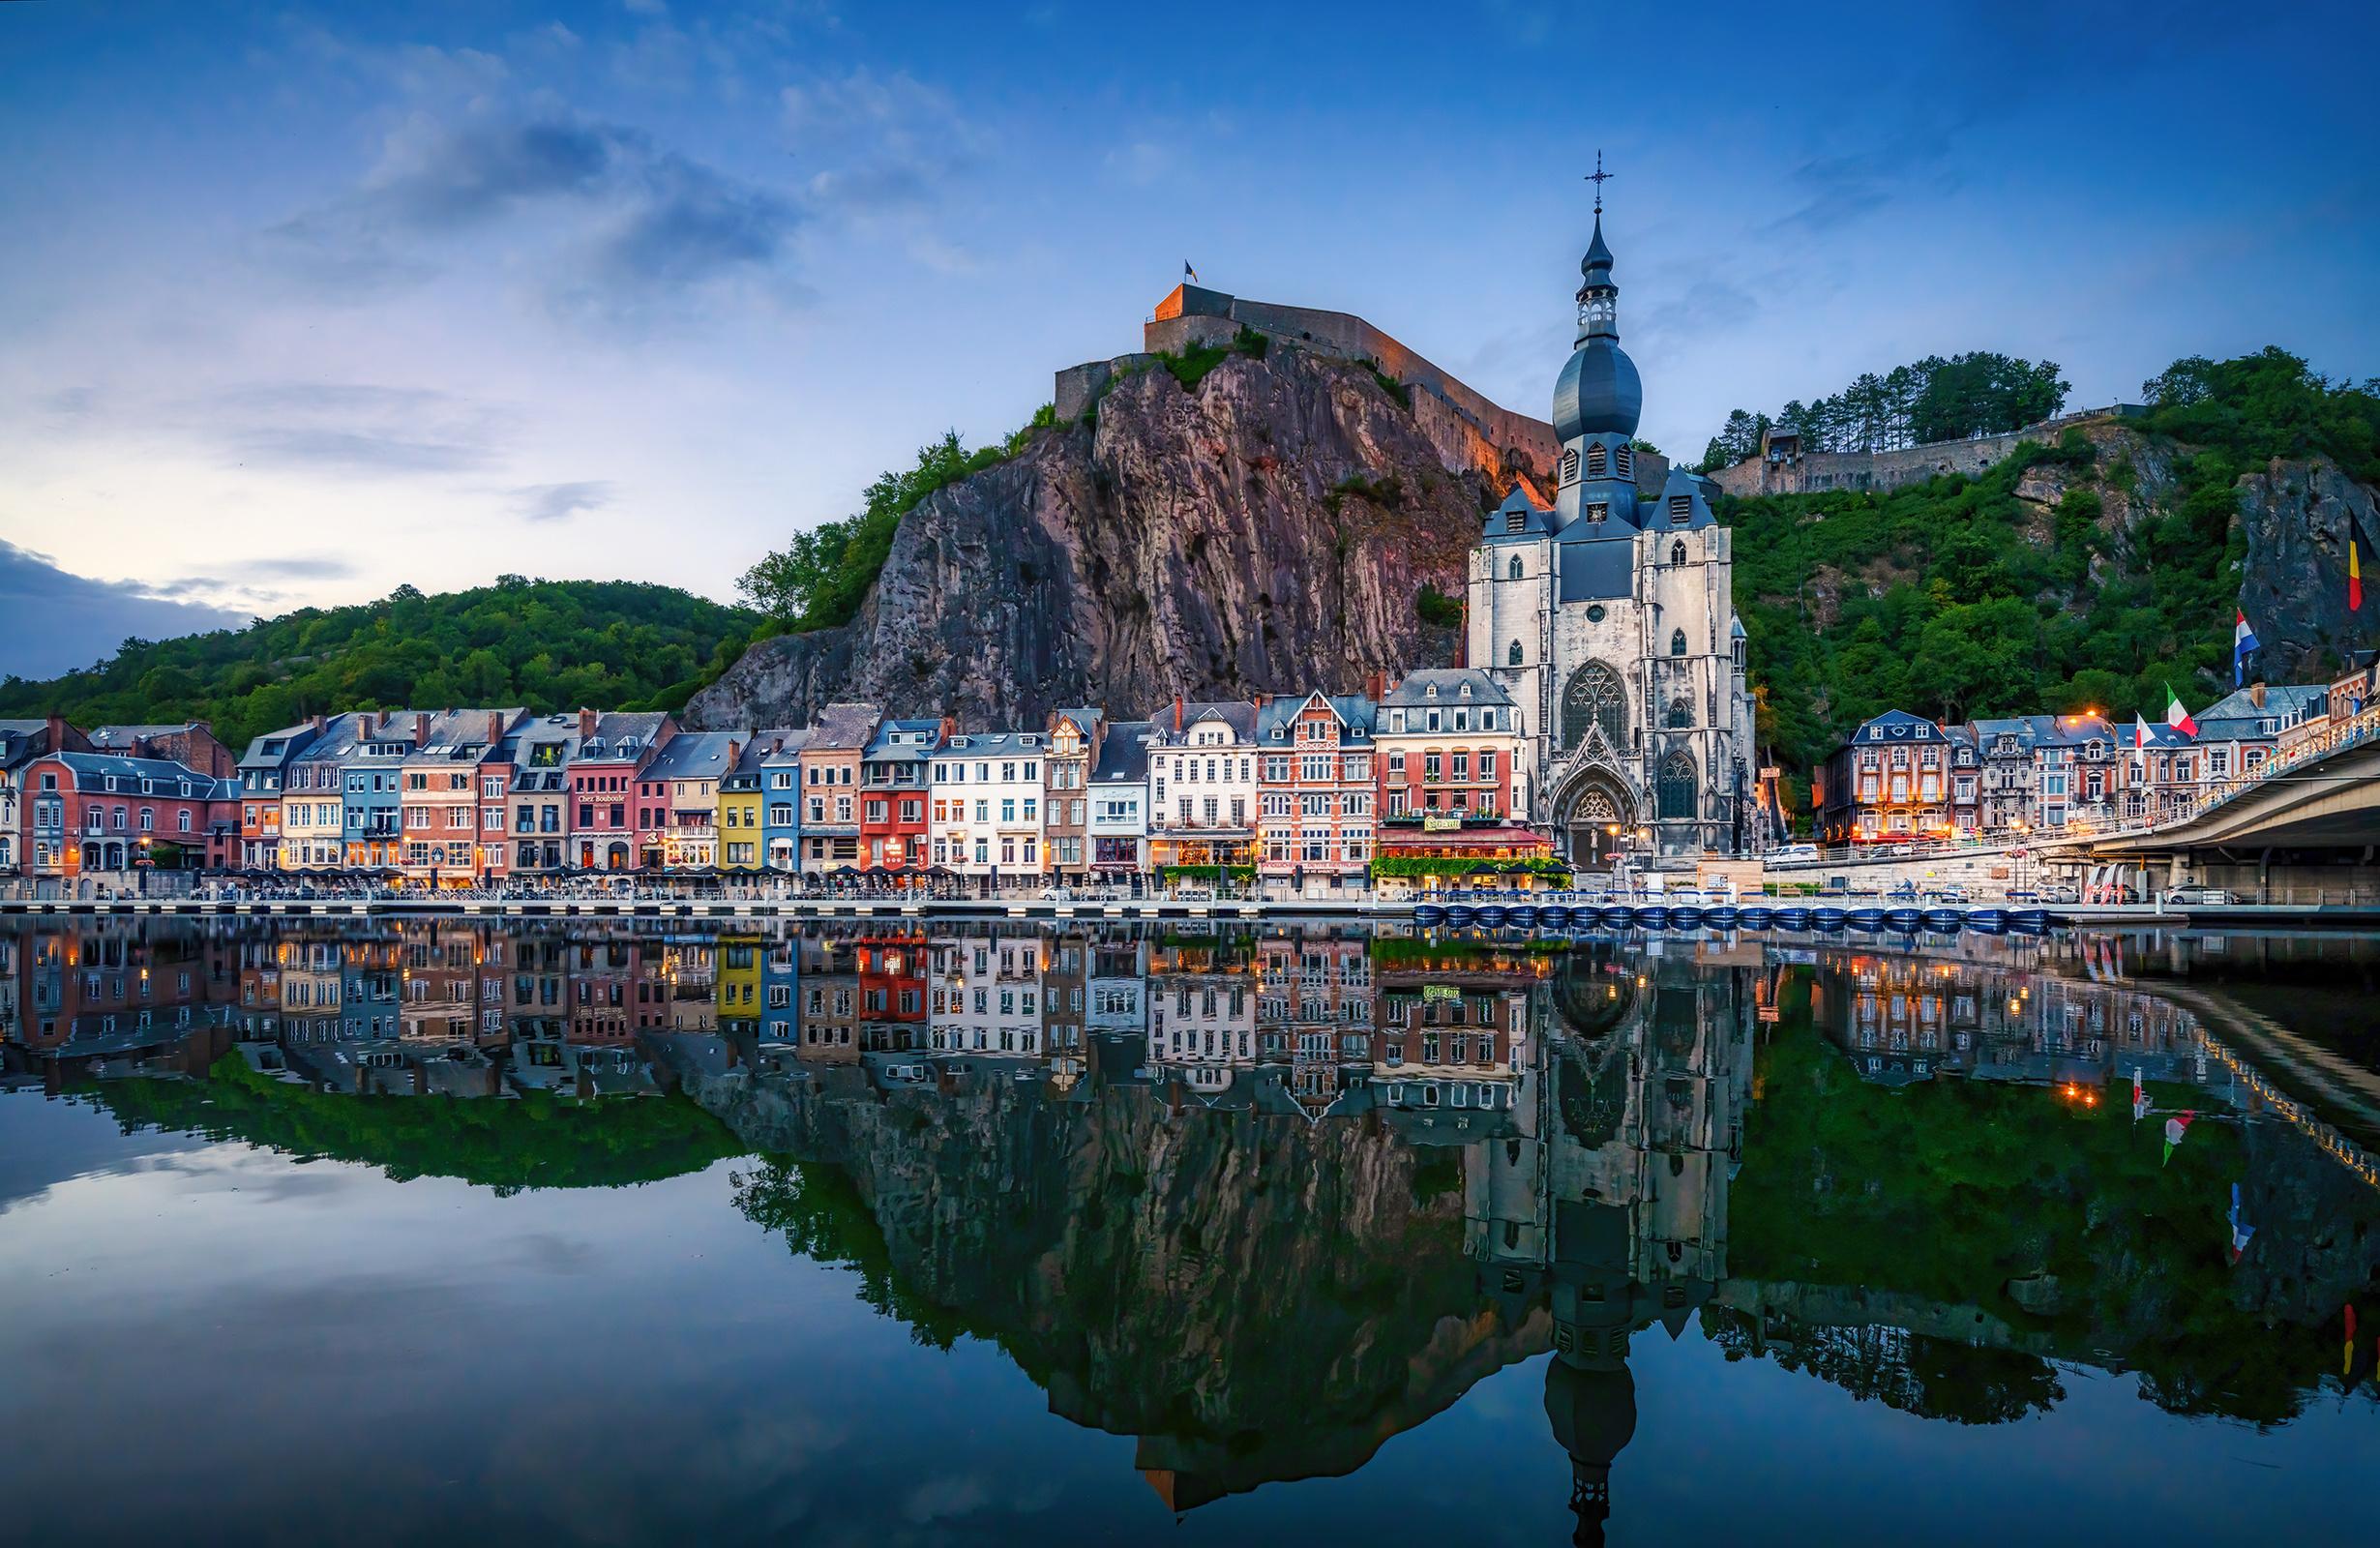 Картинки Церковь Бельгия Dinant скалы Отражение Реки город Здания 2460x1600 Утес скале Скала отражении отражается река речка Дома Города